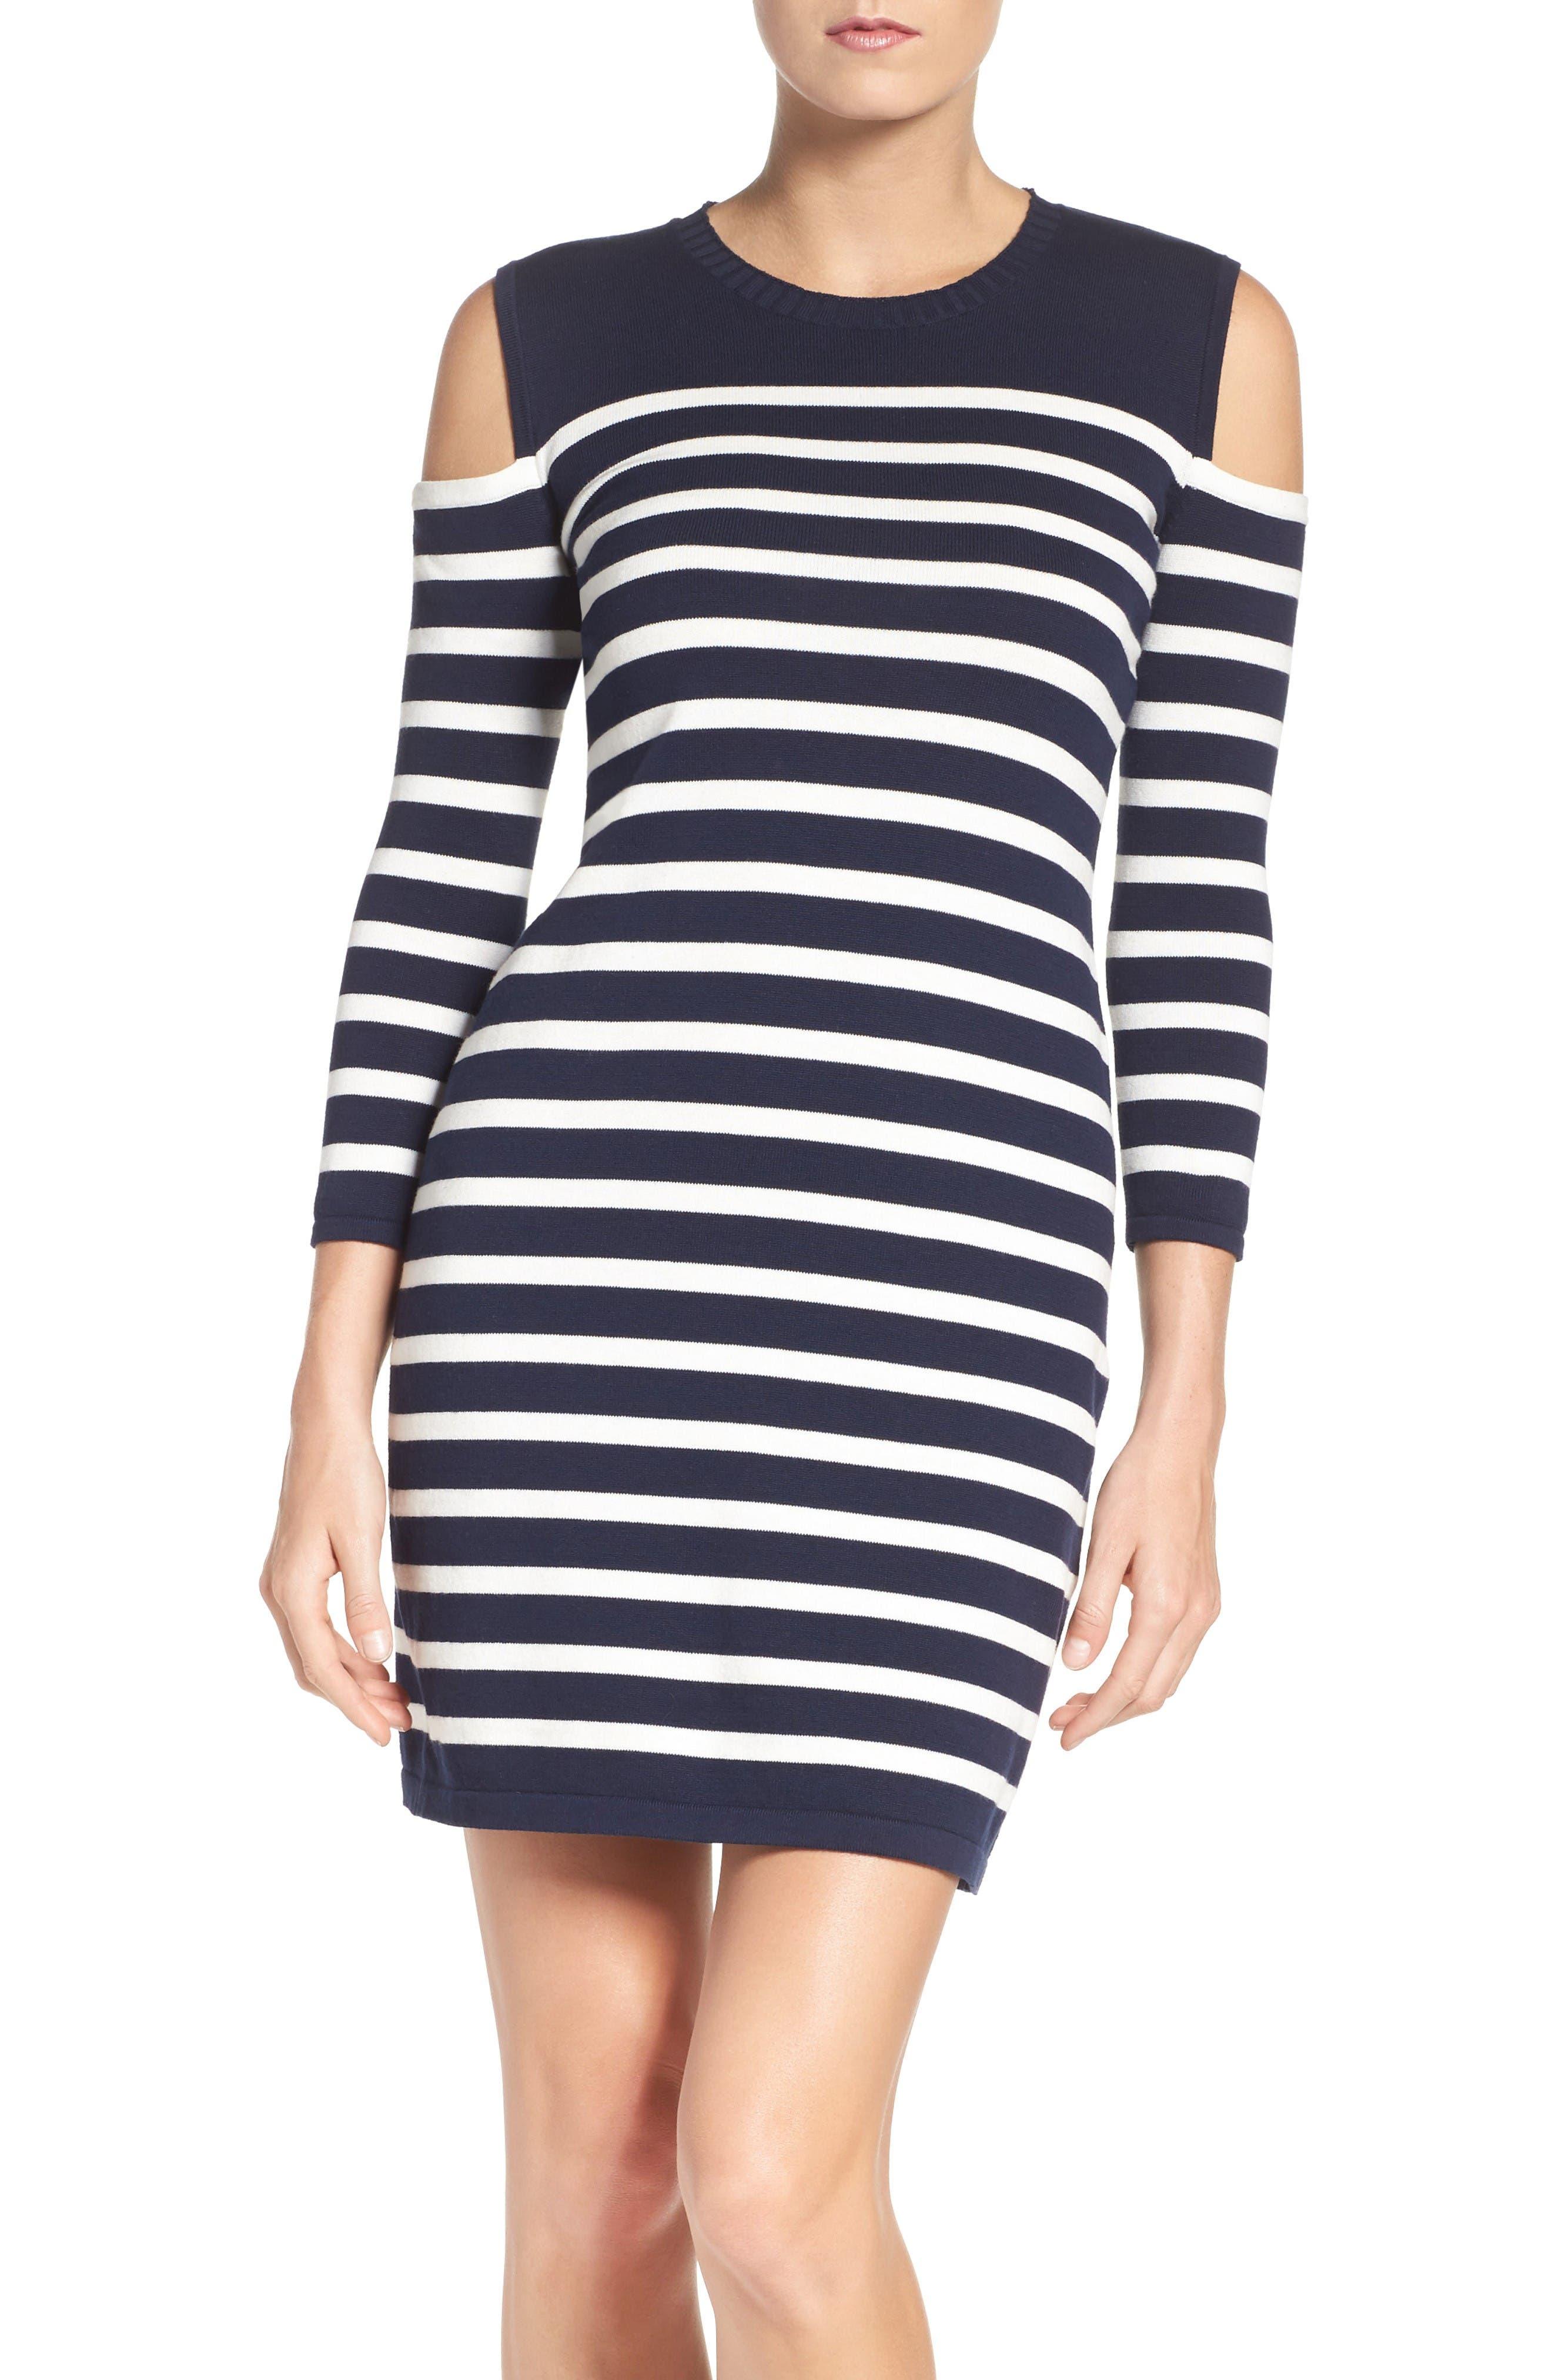 Trina Turk Tango Stripe Cotton Knit Dress,                             Main thumbnail 1, color,                             Whitewash/ Indigo